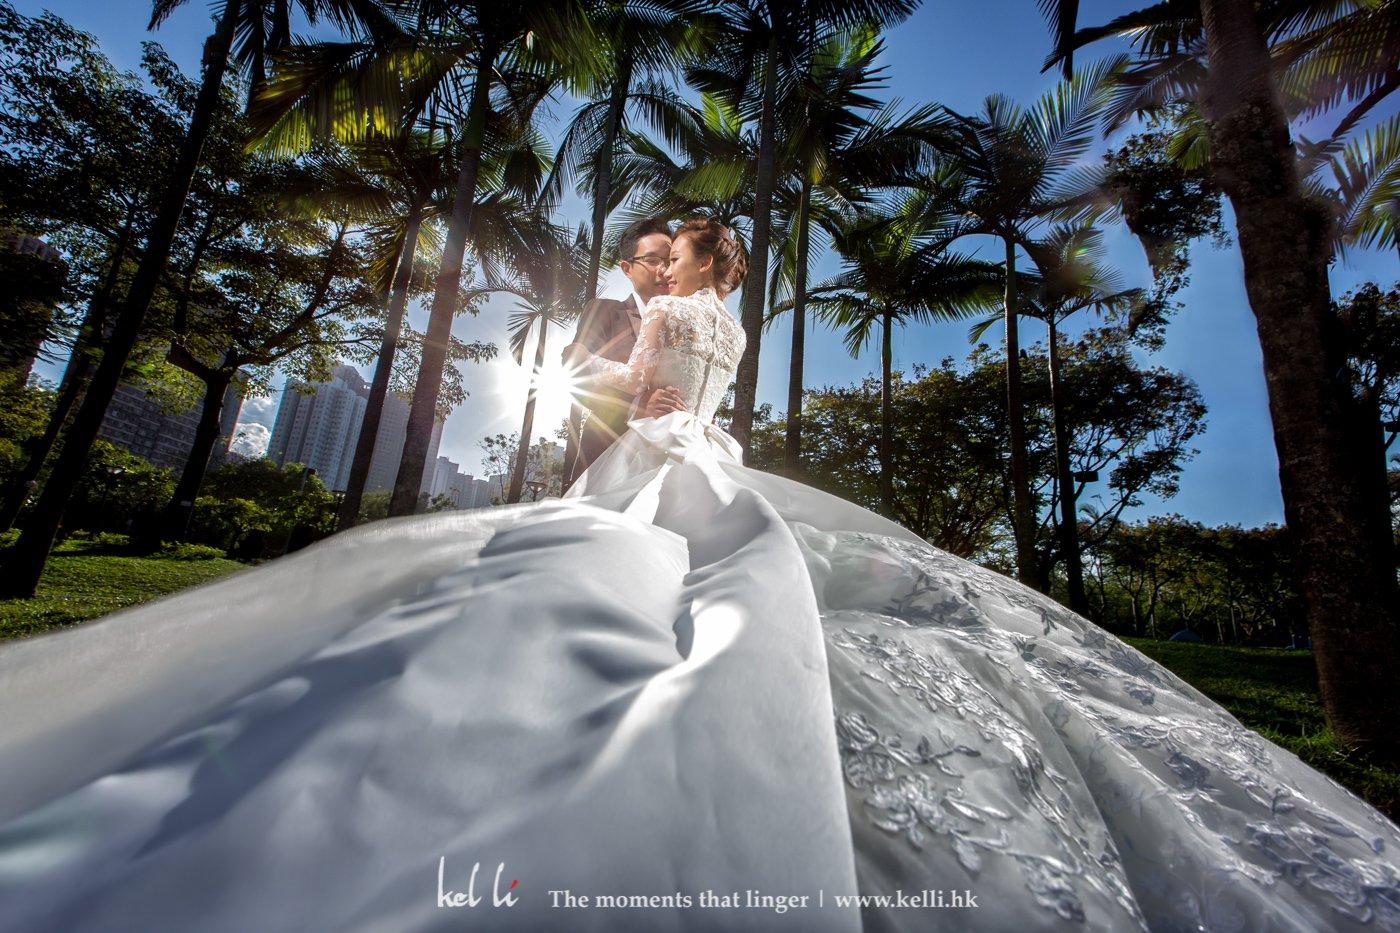 新郎與新娘婚禮外影的合照